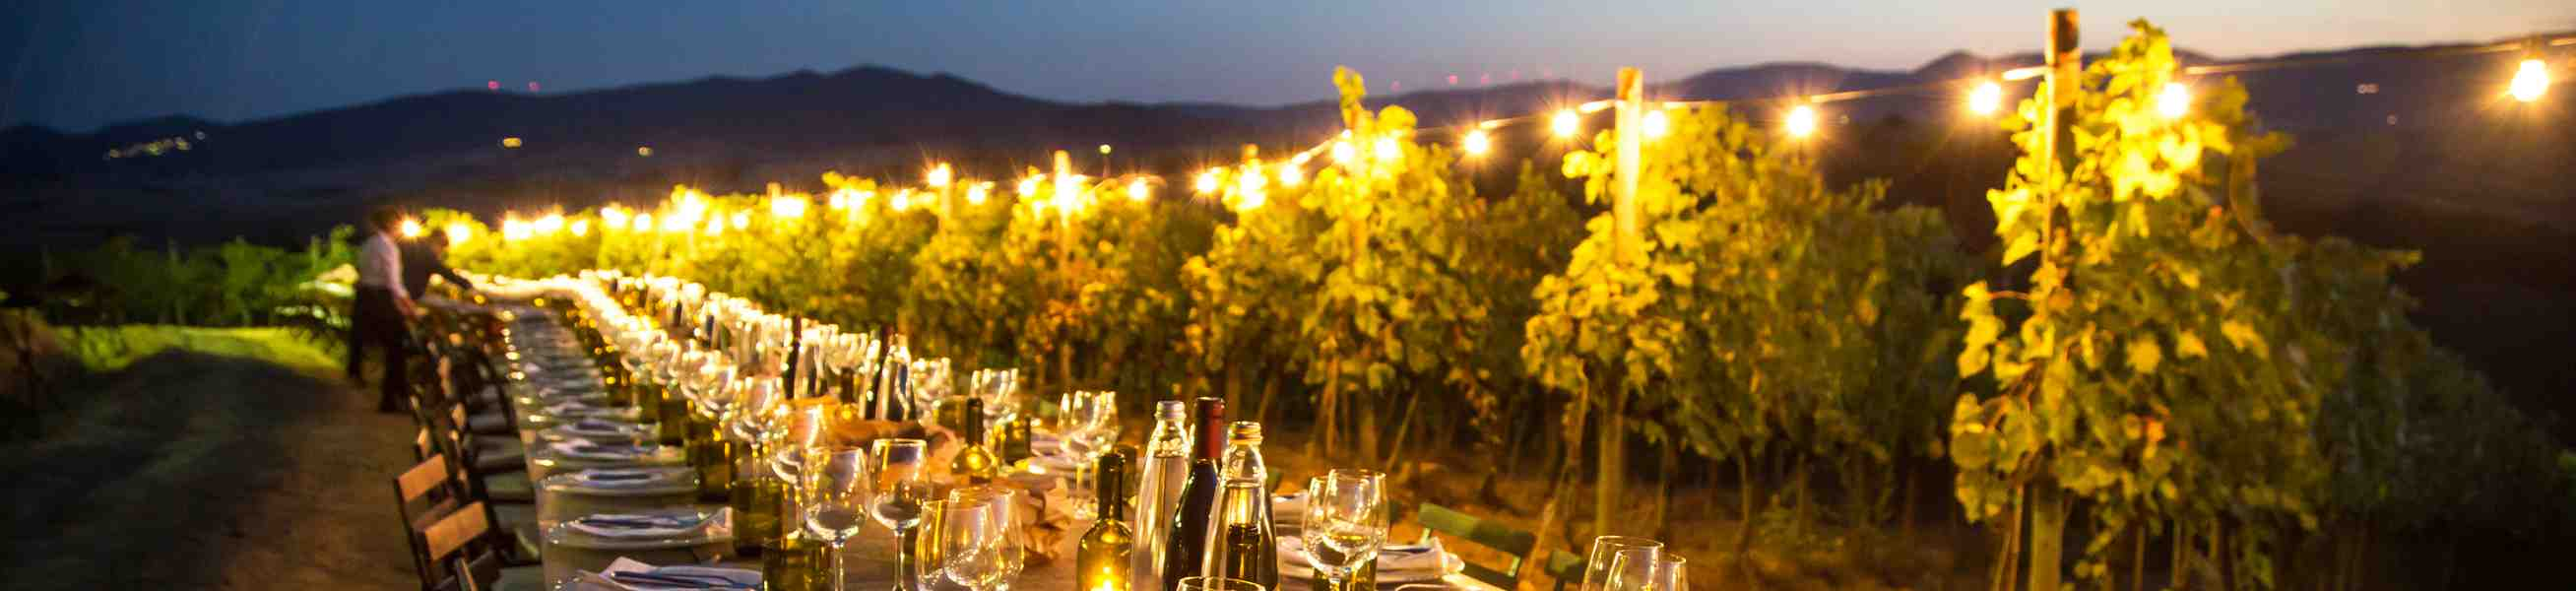 Wijngaard Italie